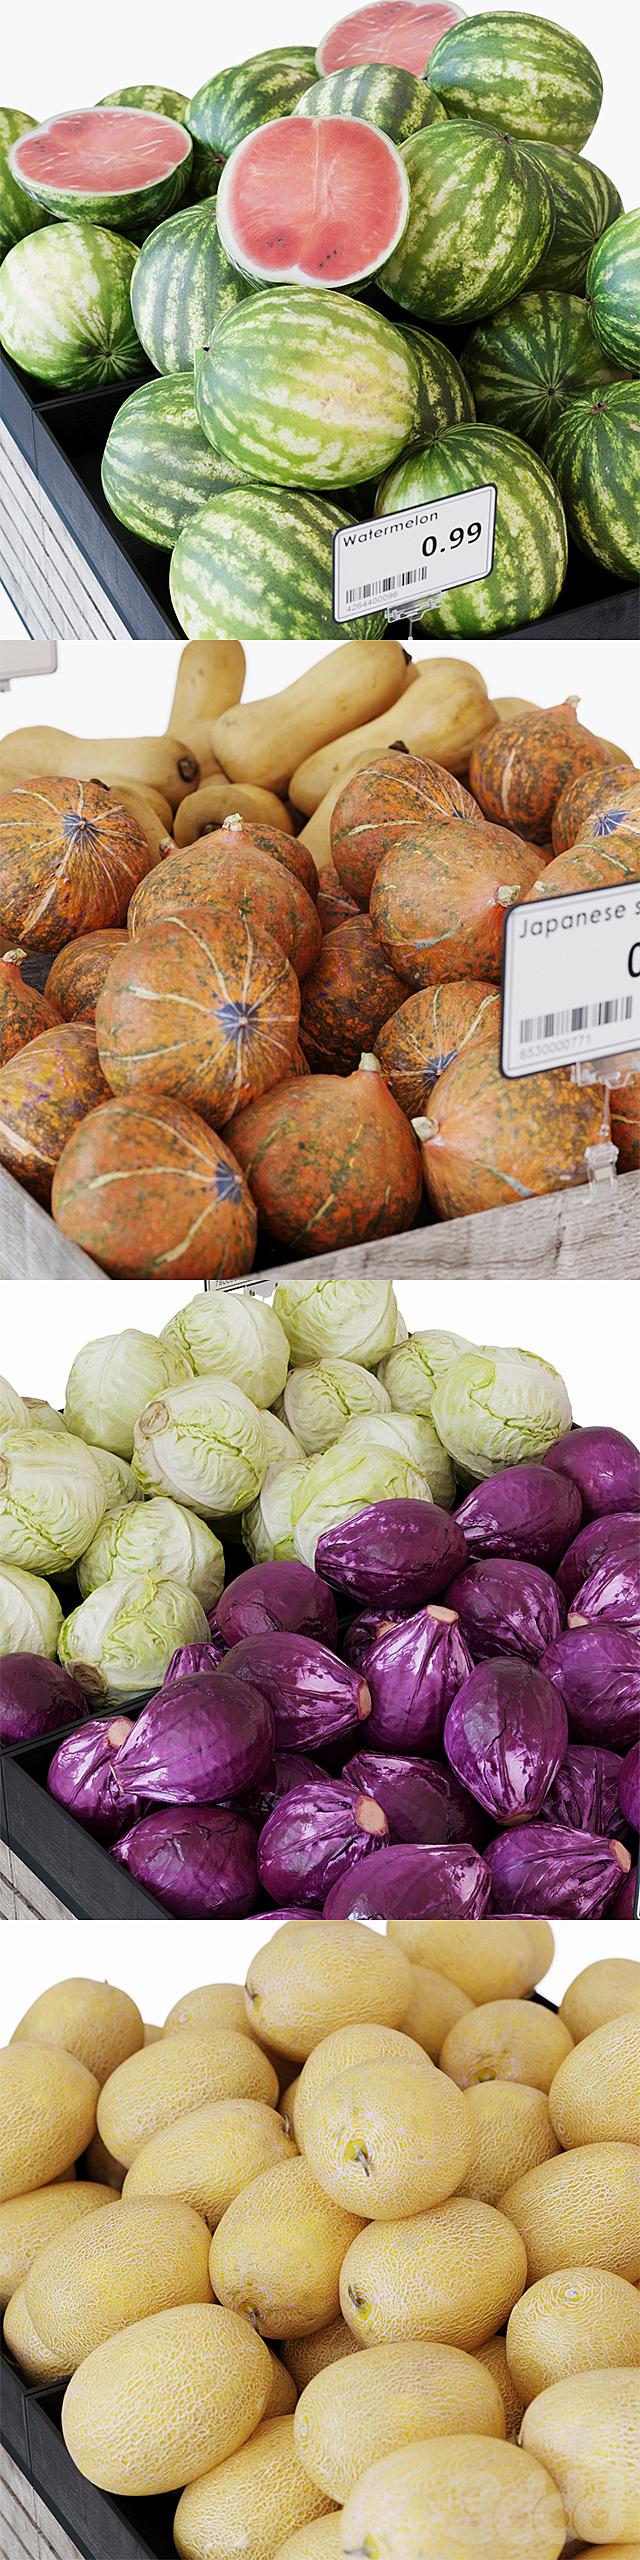 Стеллажи для овощей/фруктов